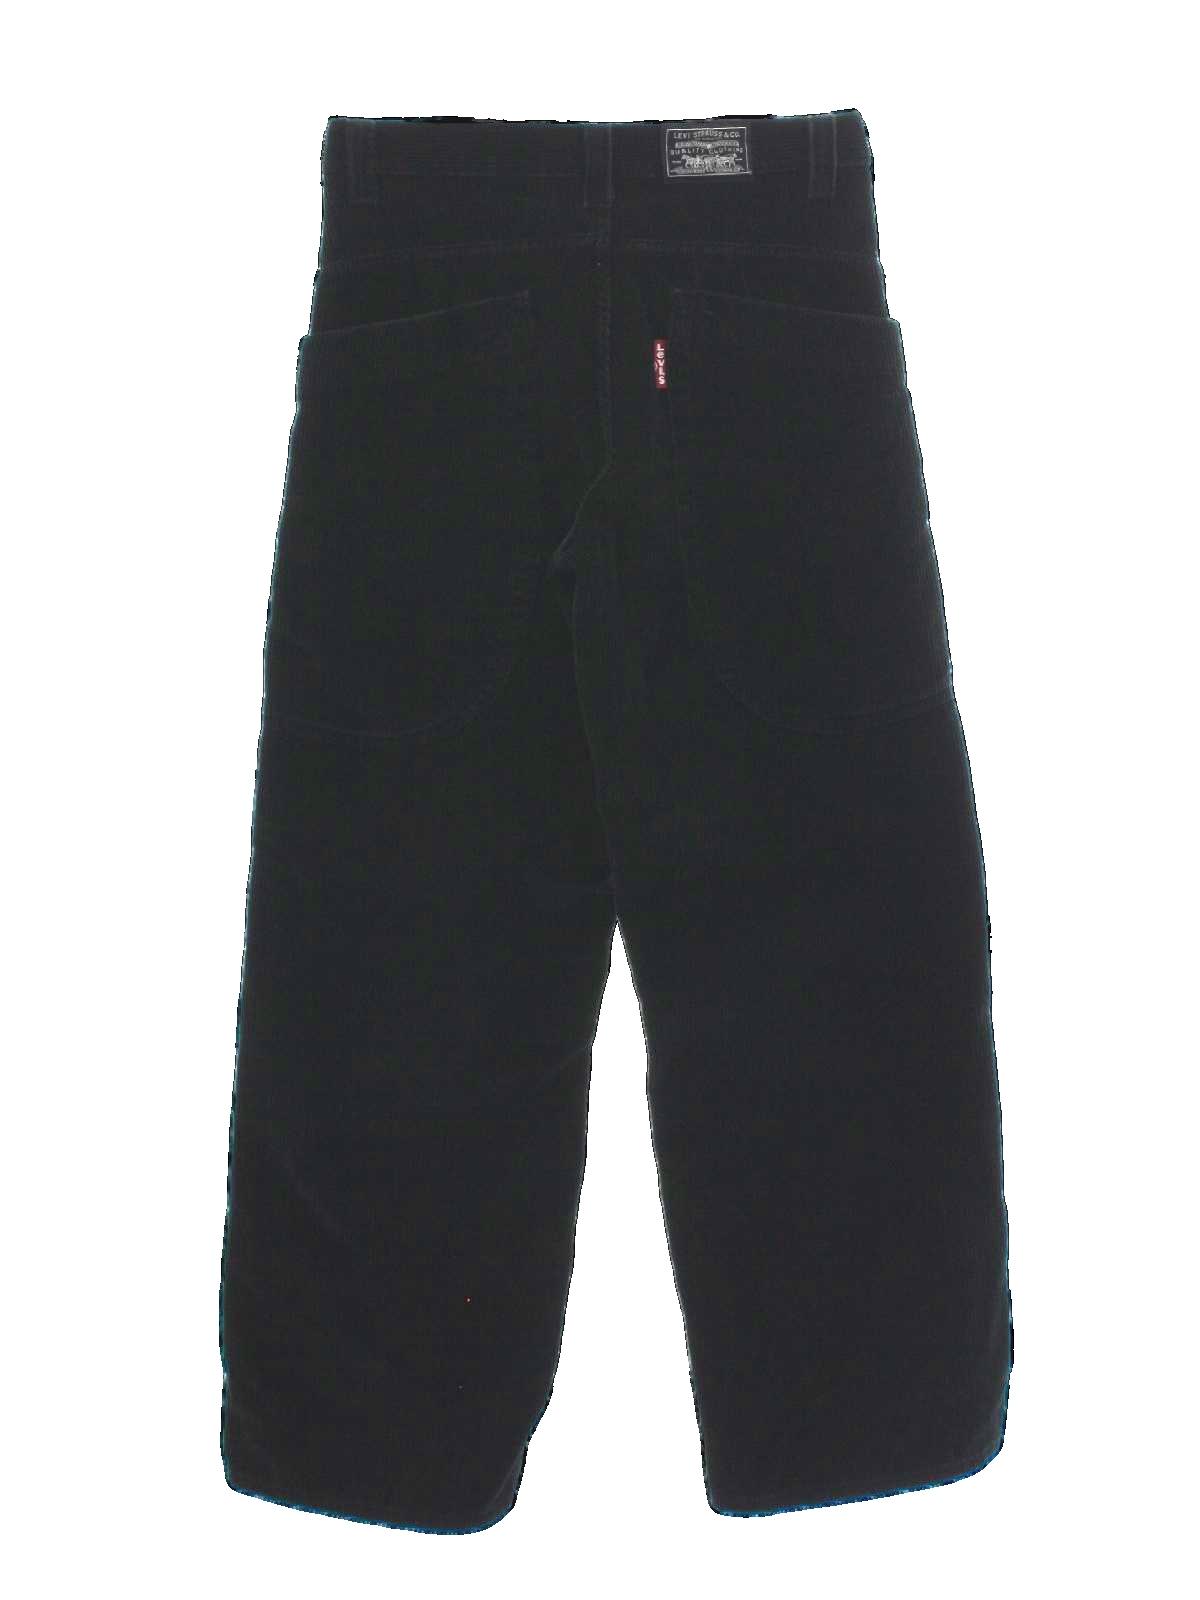 bdbfac0eeb Levis Jumbo Jeans 1990s Vintage Pants: 90s -Levis Jumbo Jeans ...